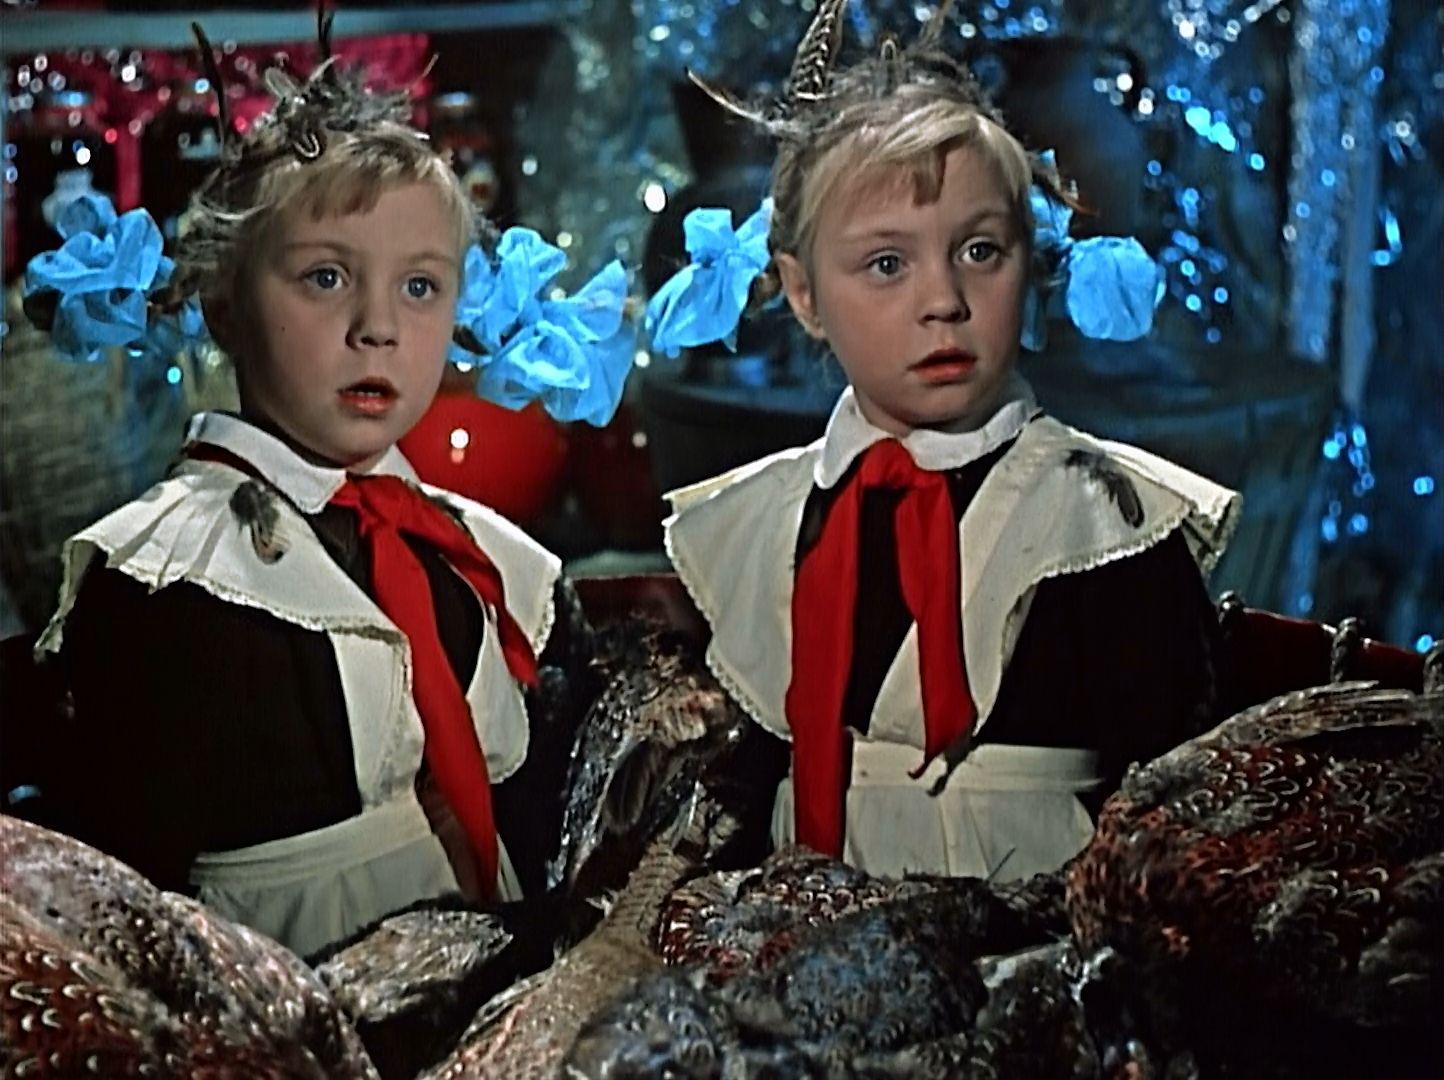 фото кадры из советских фильмов